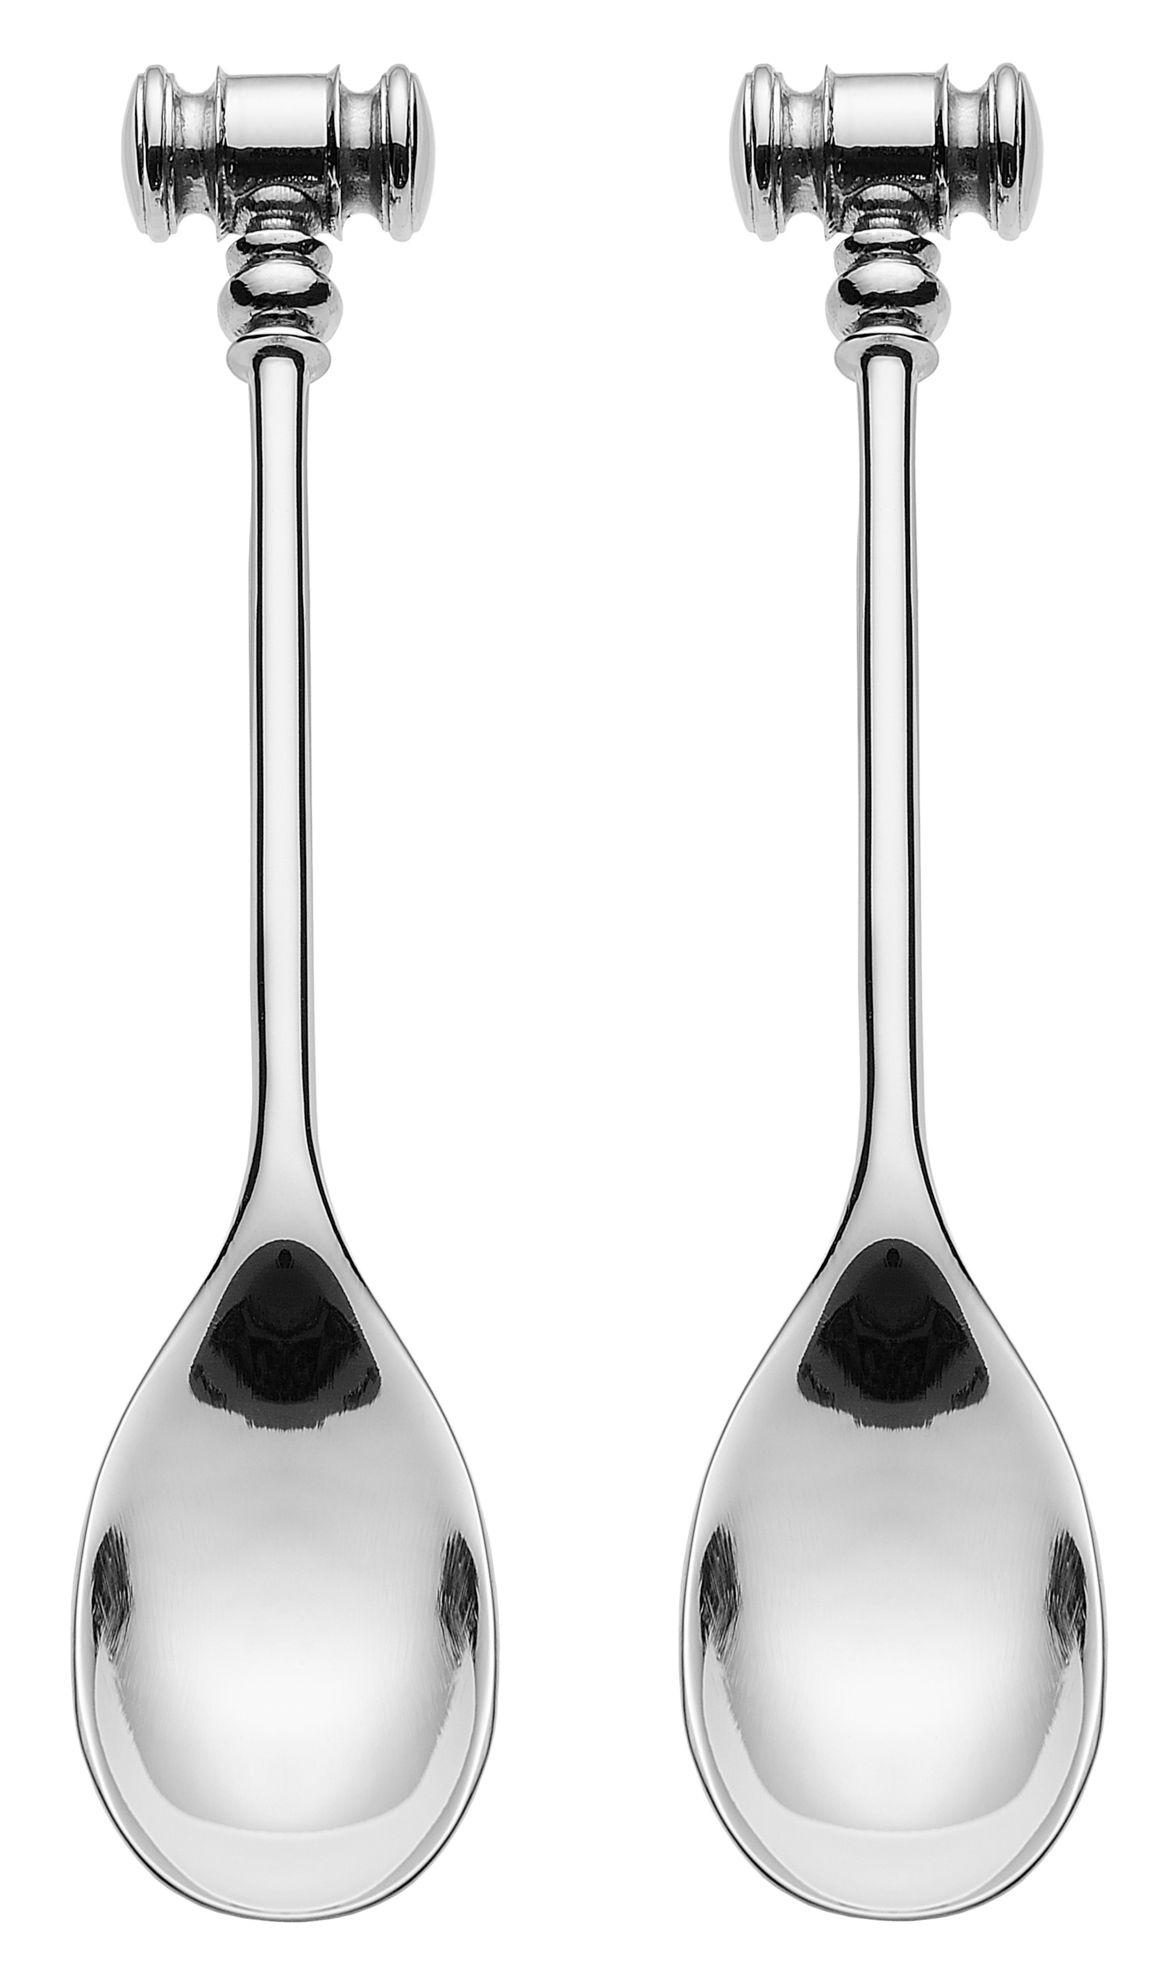 Tischkultur - Bestecke - Dressed Löffel für gekochte Eier / 2er-Set - Alessi - Edelstahl - rostfreier Stahl